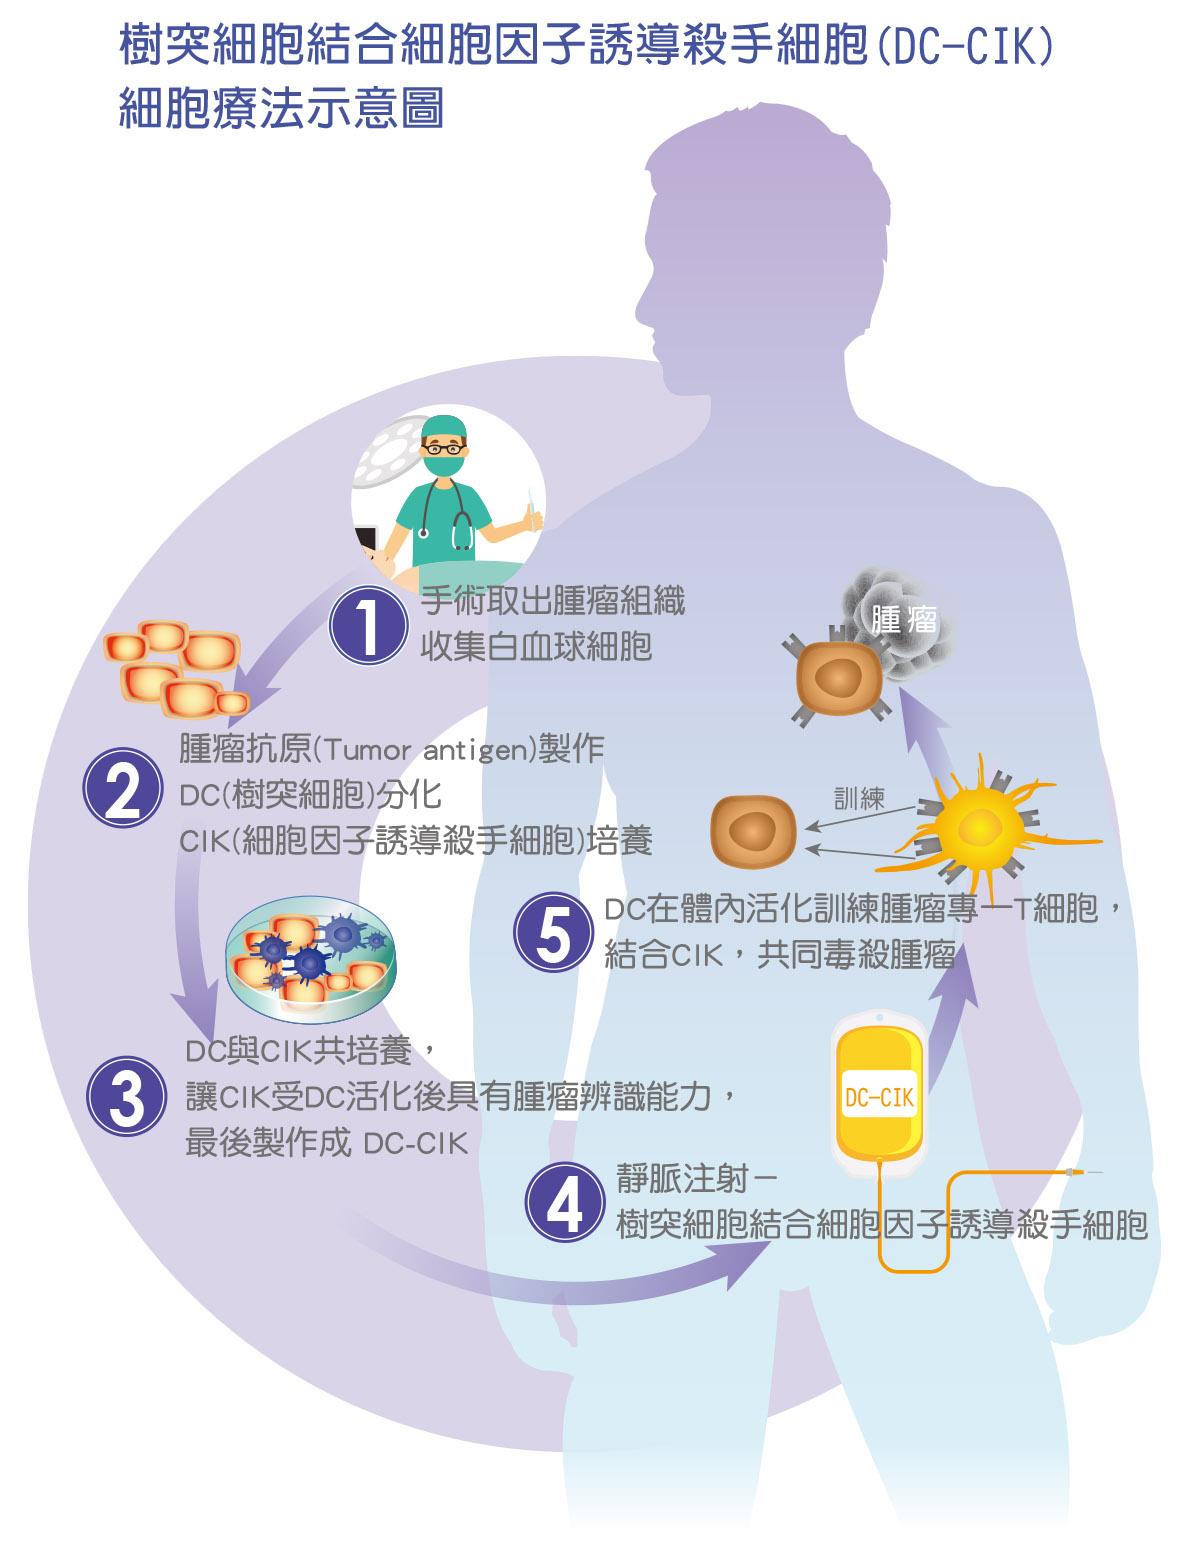 樹突細胞結合細胞因子誘導殺手細胞(DC-CIK) 細胞療法示意圖